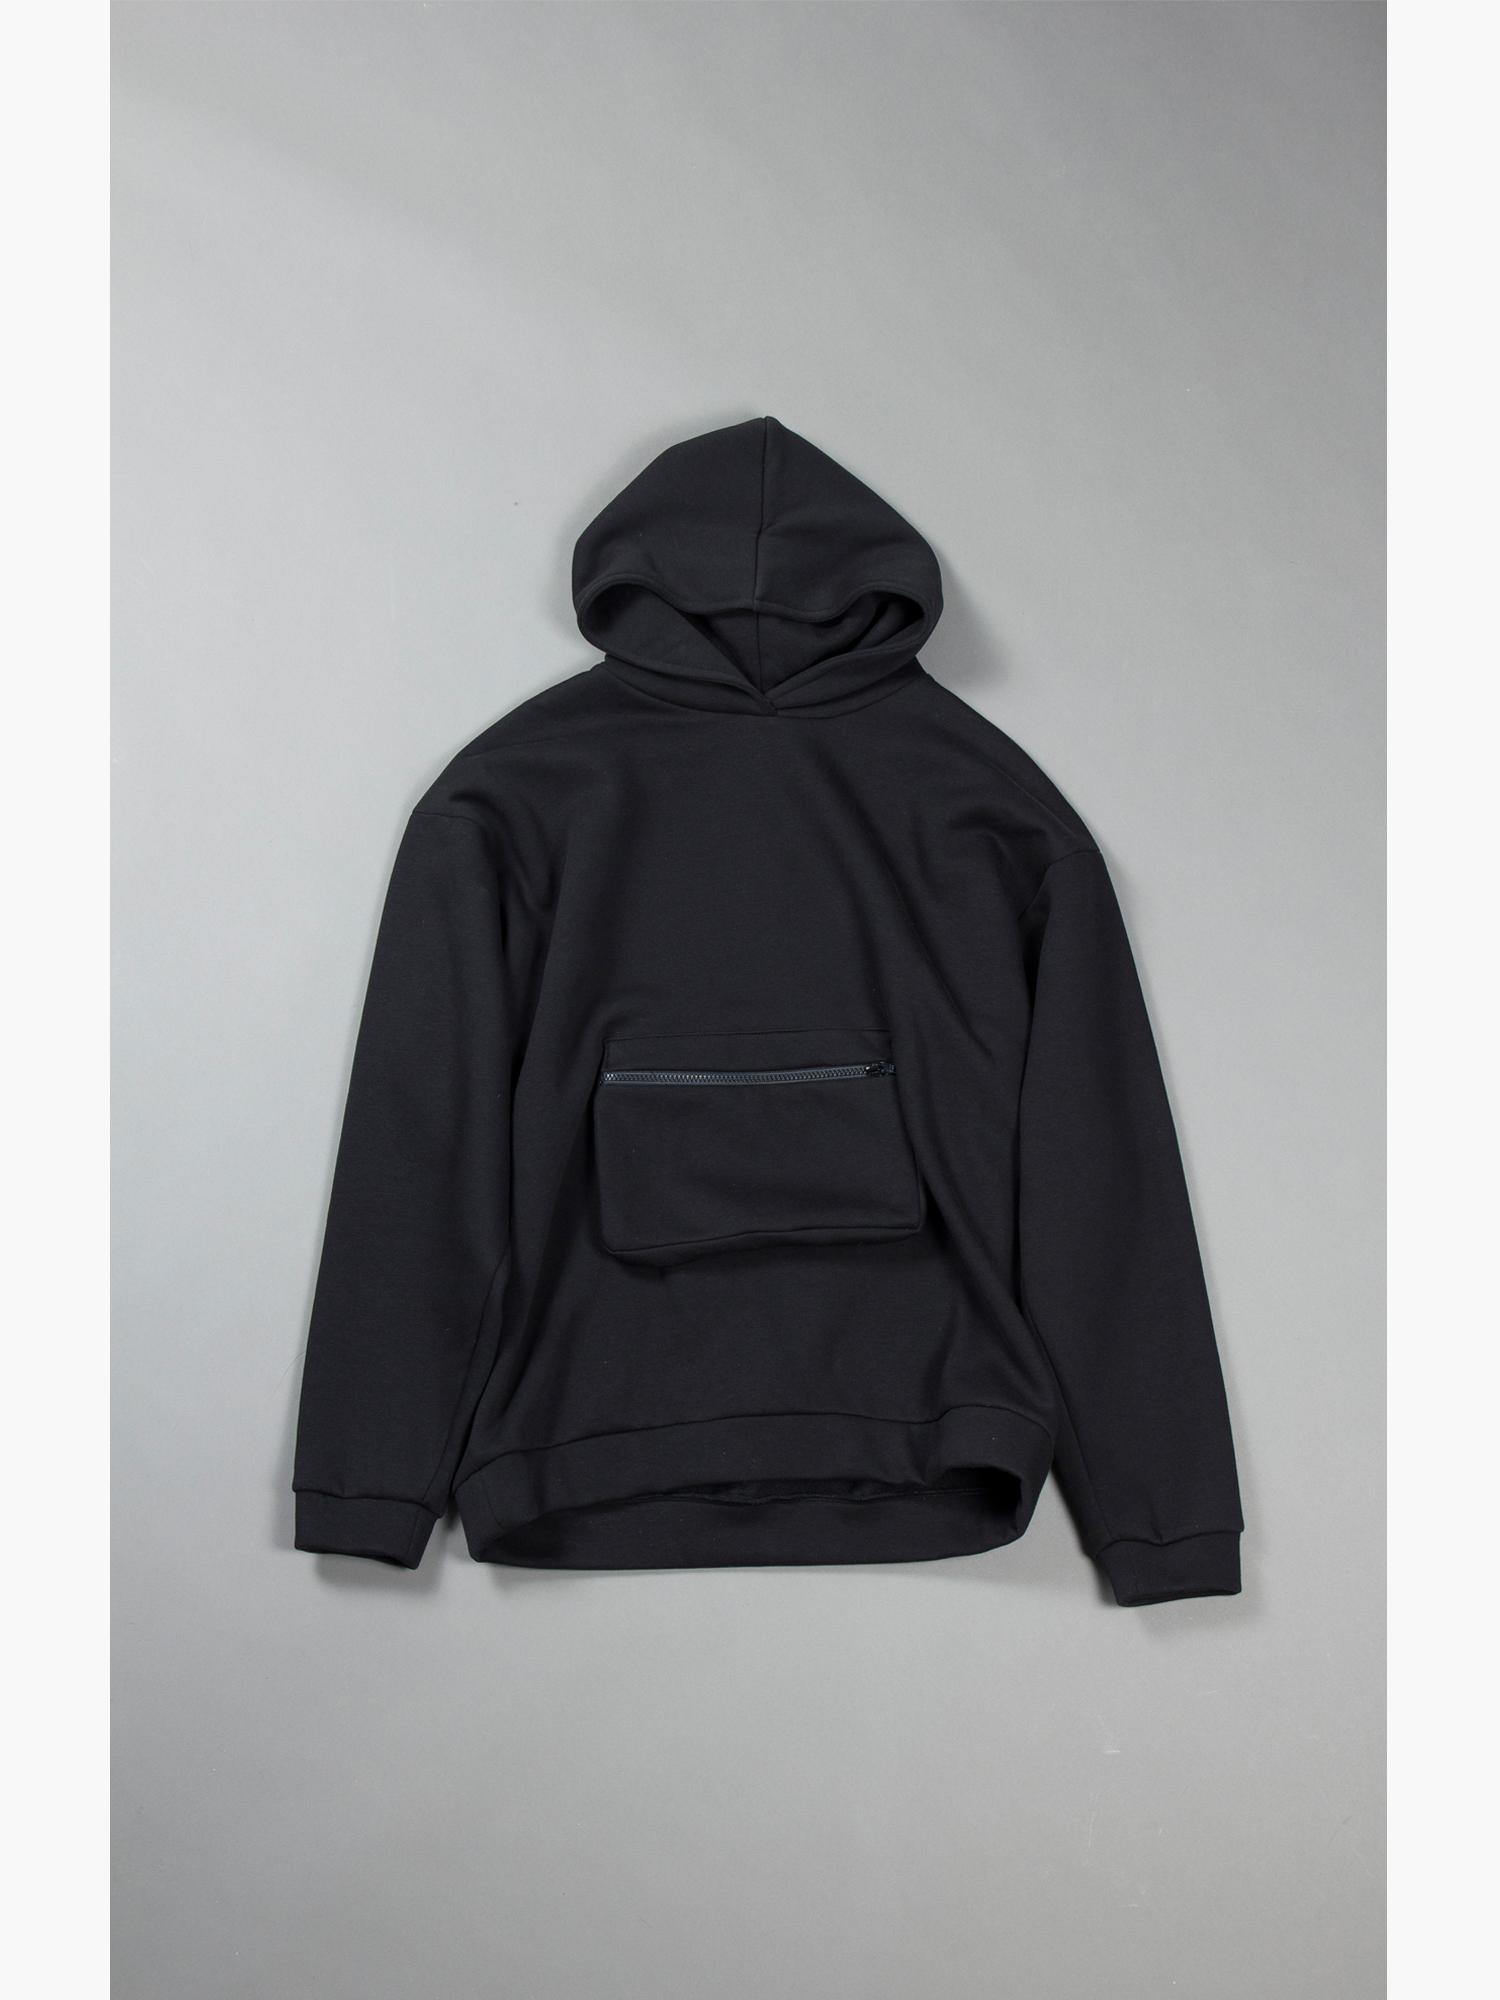 ATHRTY_saturn_hoodie_black_f1